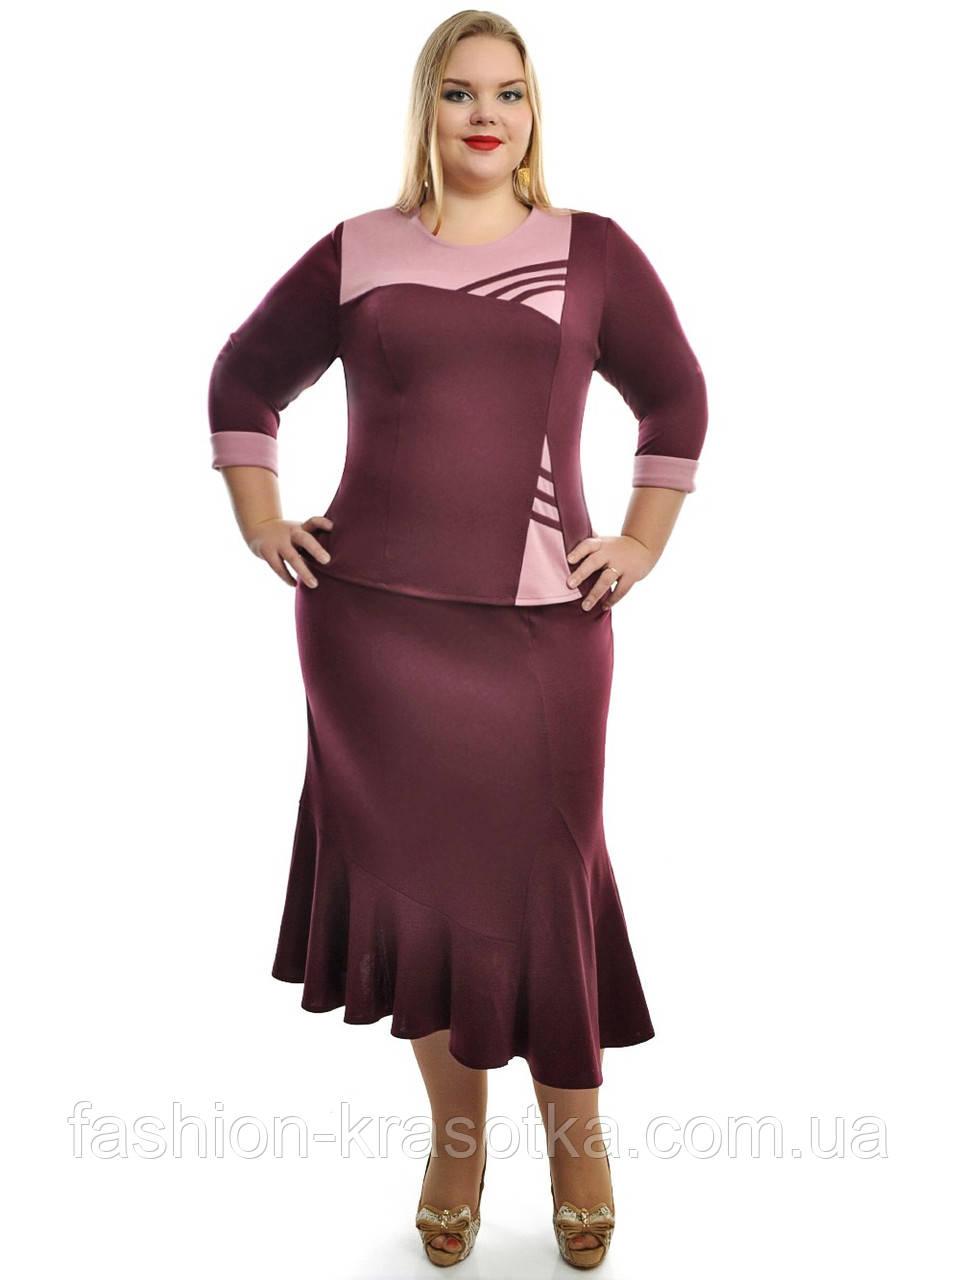 Женский костюм,модель 679,размеры 48-72.